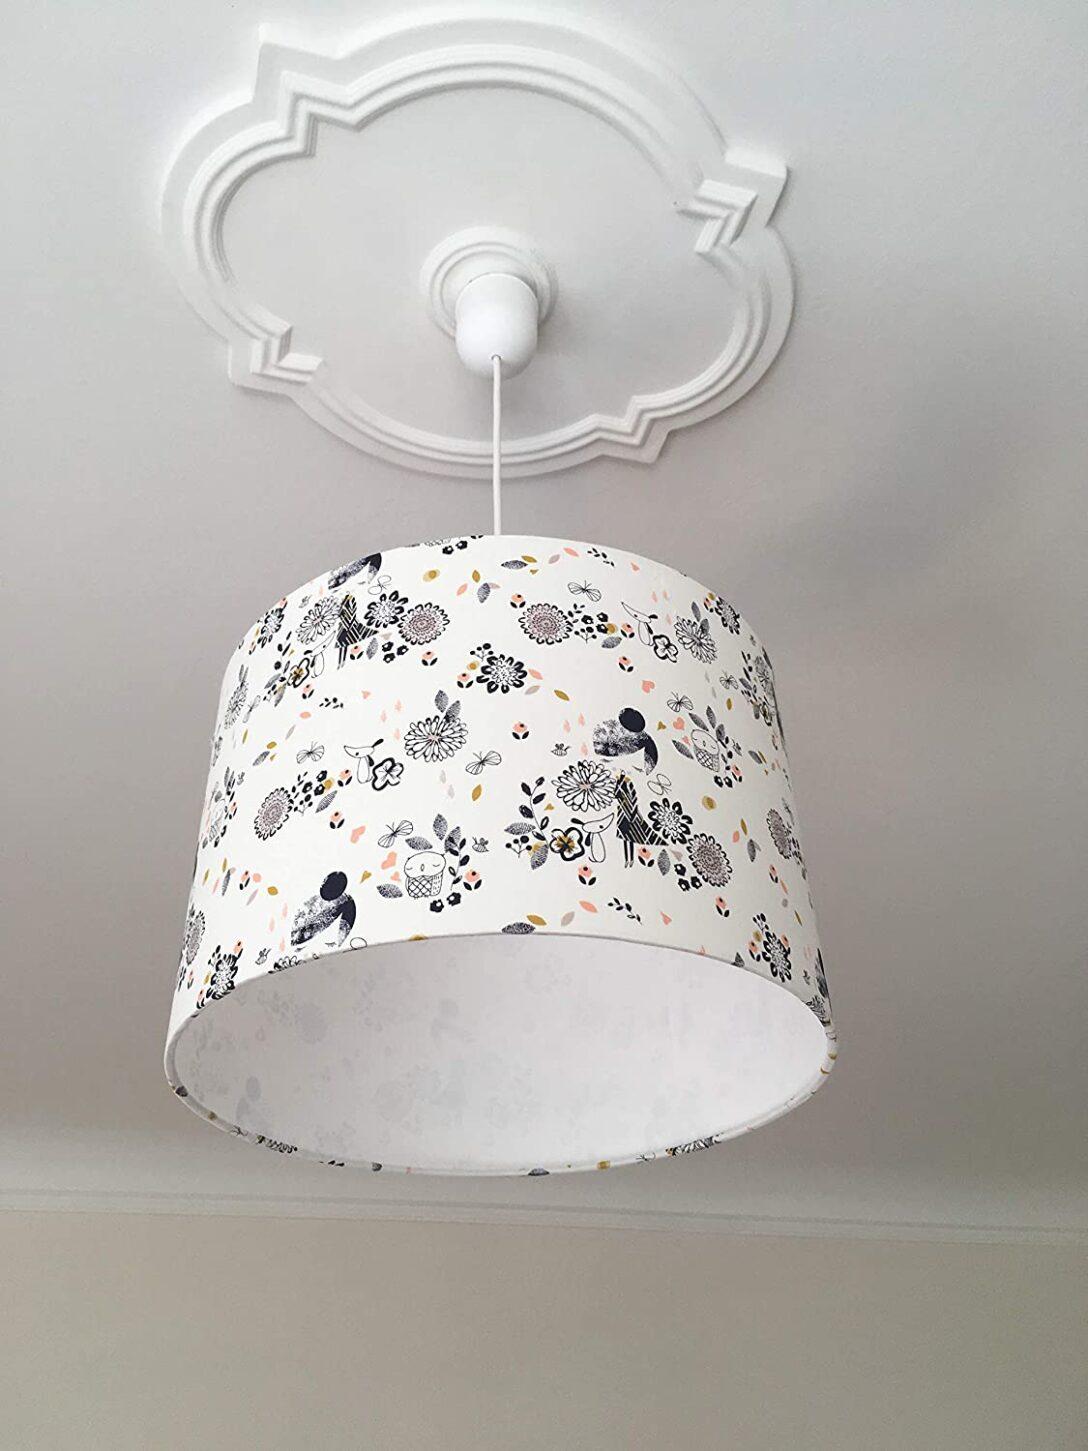 Large Size of Deckenlampe Kinderzimmer Lampenschirm Wale Handmade Wohnzimmer Deckenlampen Modern Für Bad Regal Weiß Regale Schlafzimmer Esstisch Sofa Küche Kinderzimmer Deckenlampe Kinderzimmer